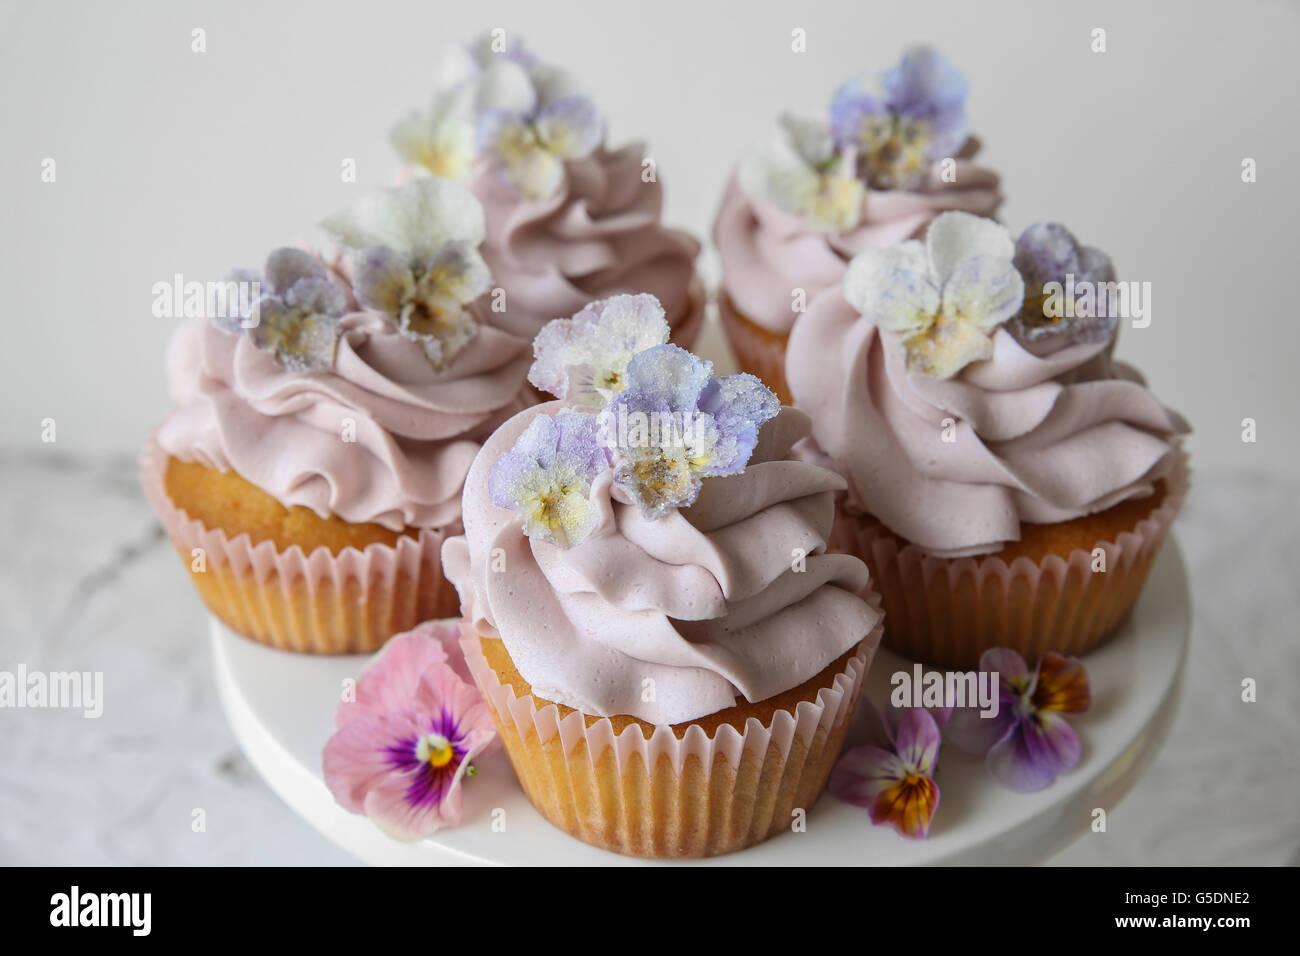 Cupcakes morado con flores comestibles azucaradas sobre cake stand Imagen De Stock